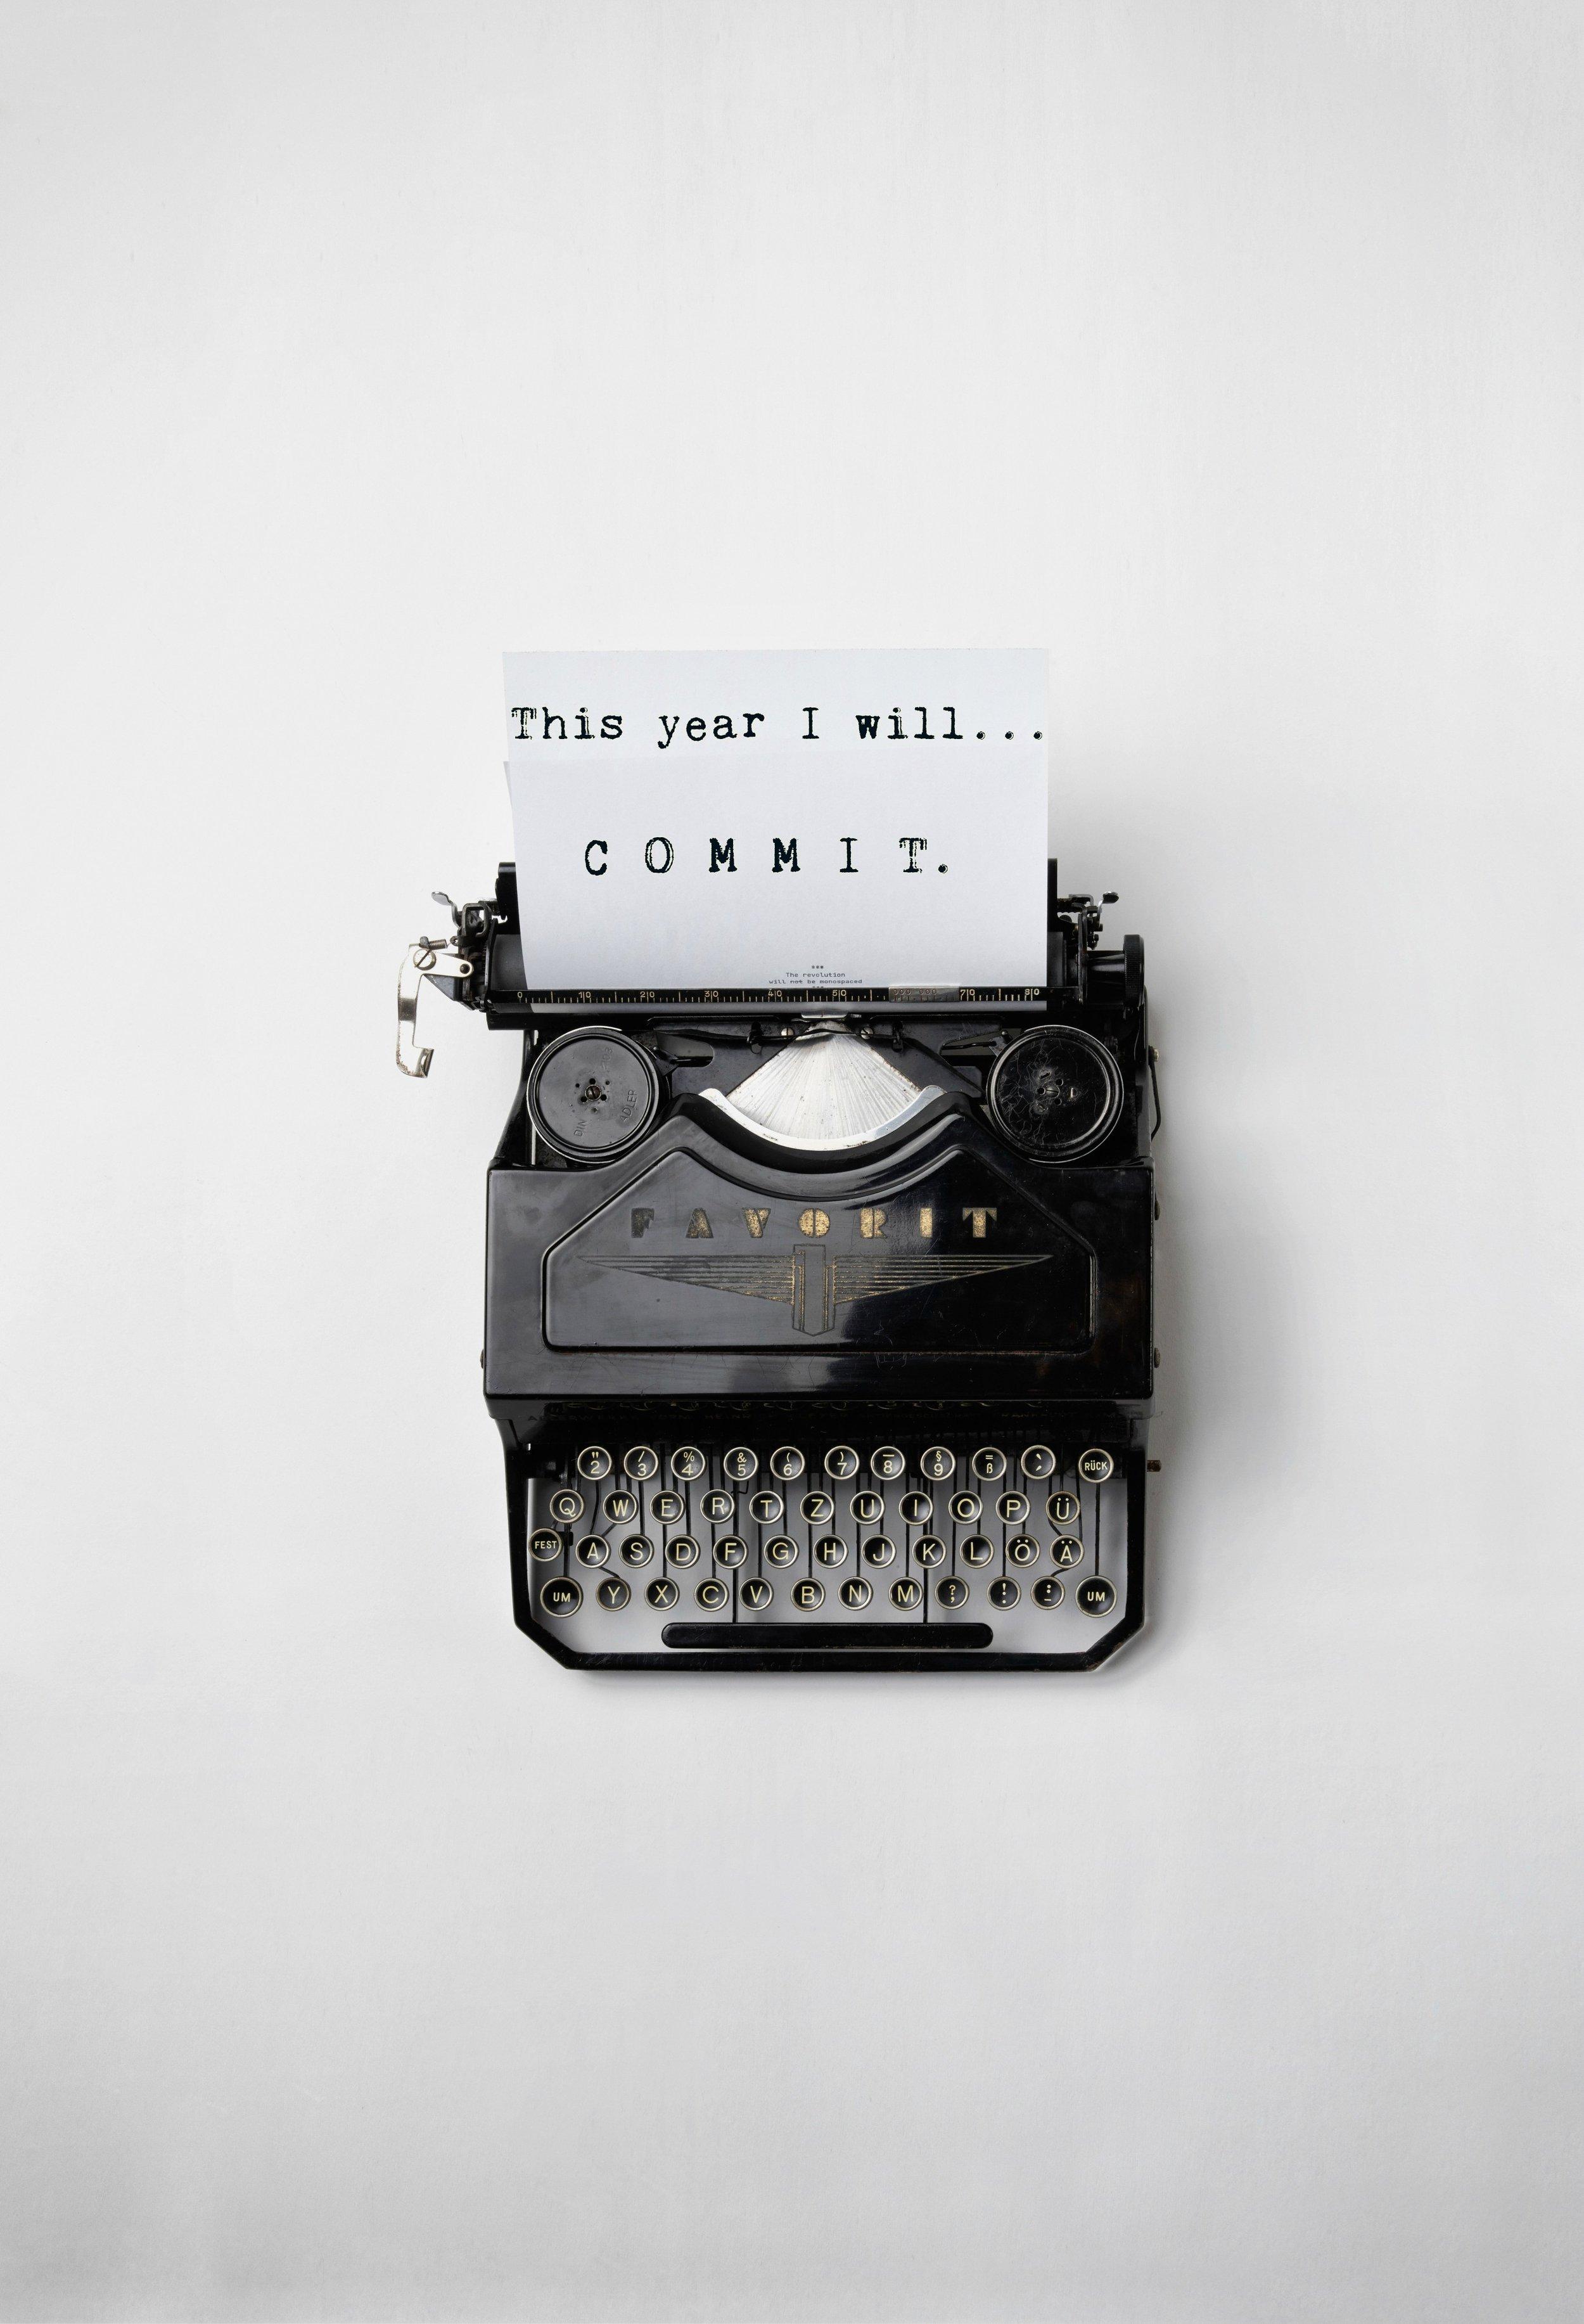 commit.jpg